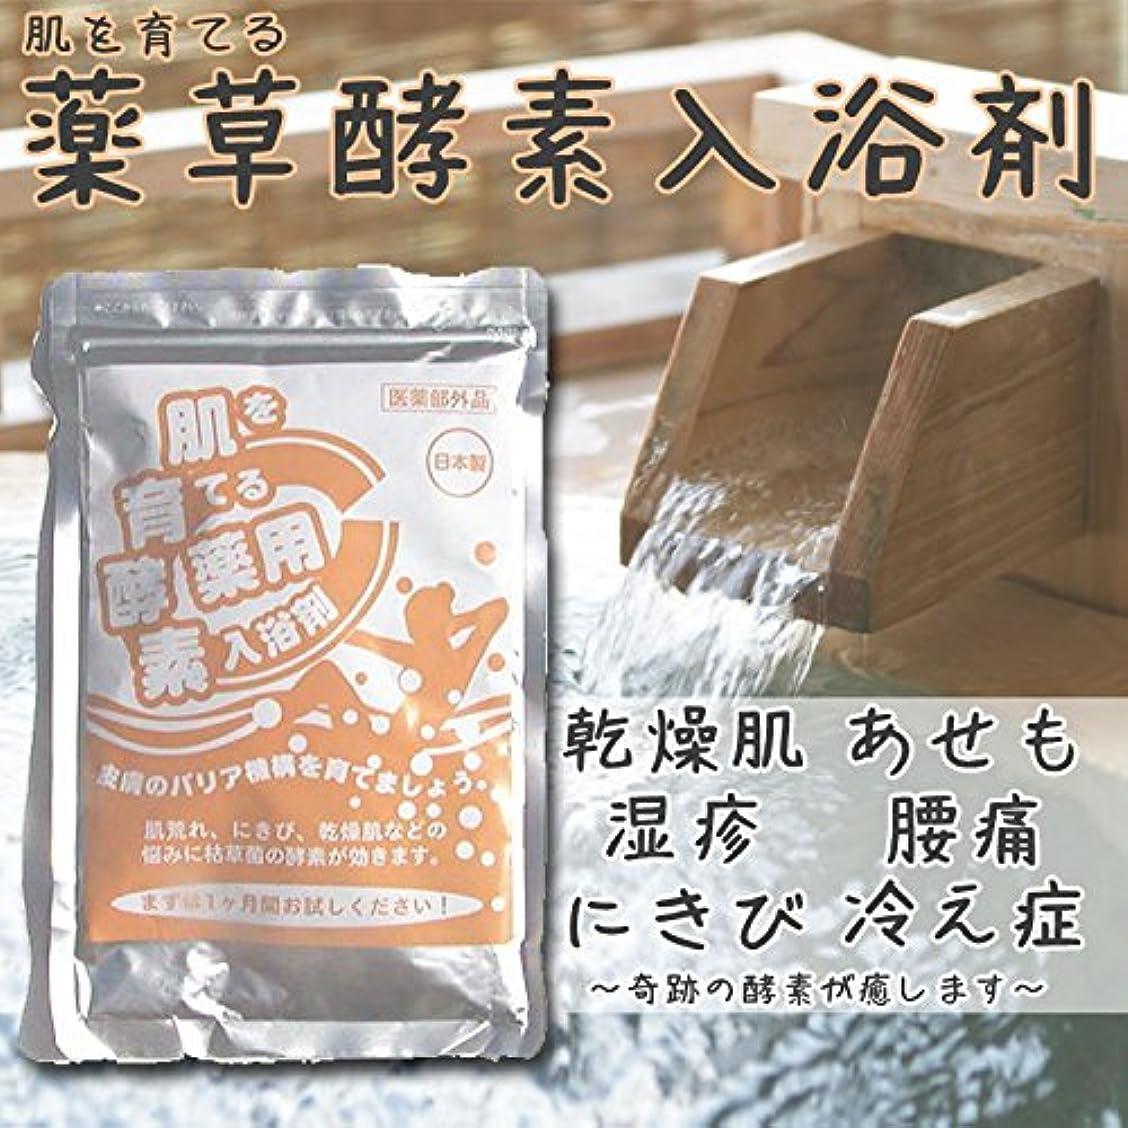 失望仲介者香港ハーティハート 薬用酵素入浴剤 洗顔料 粉末 300g